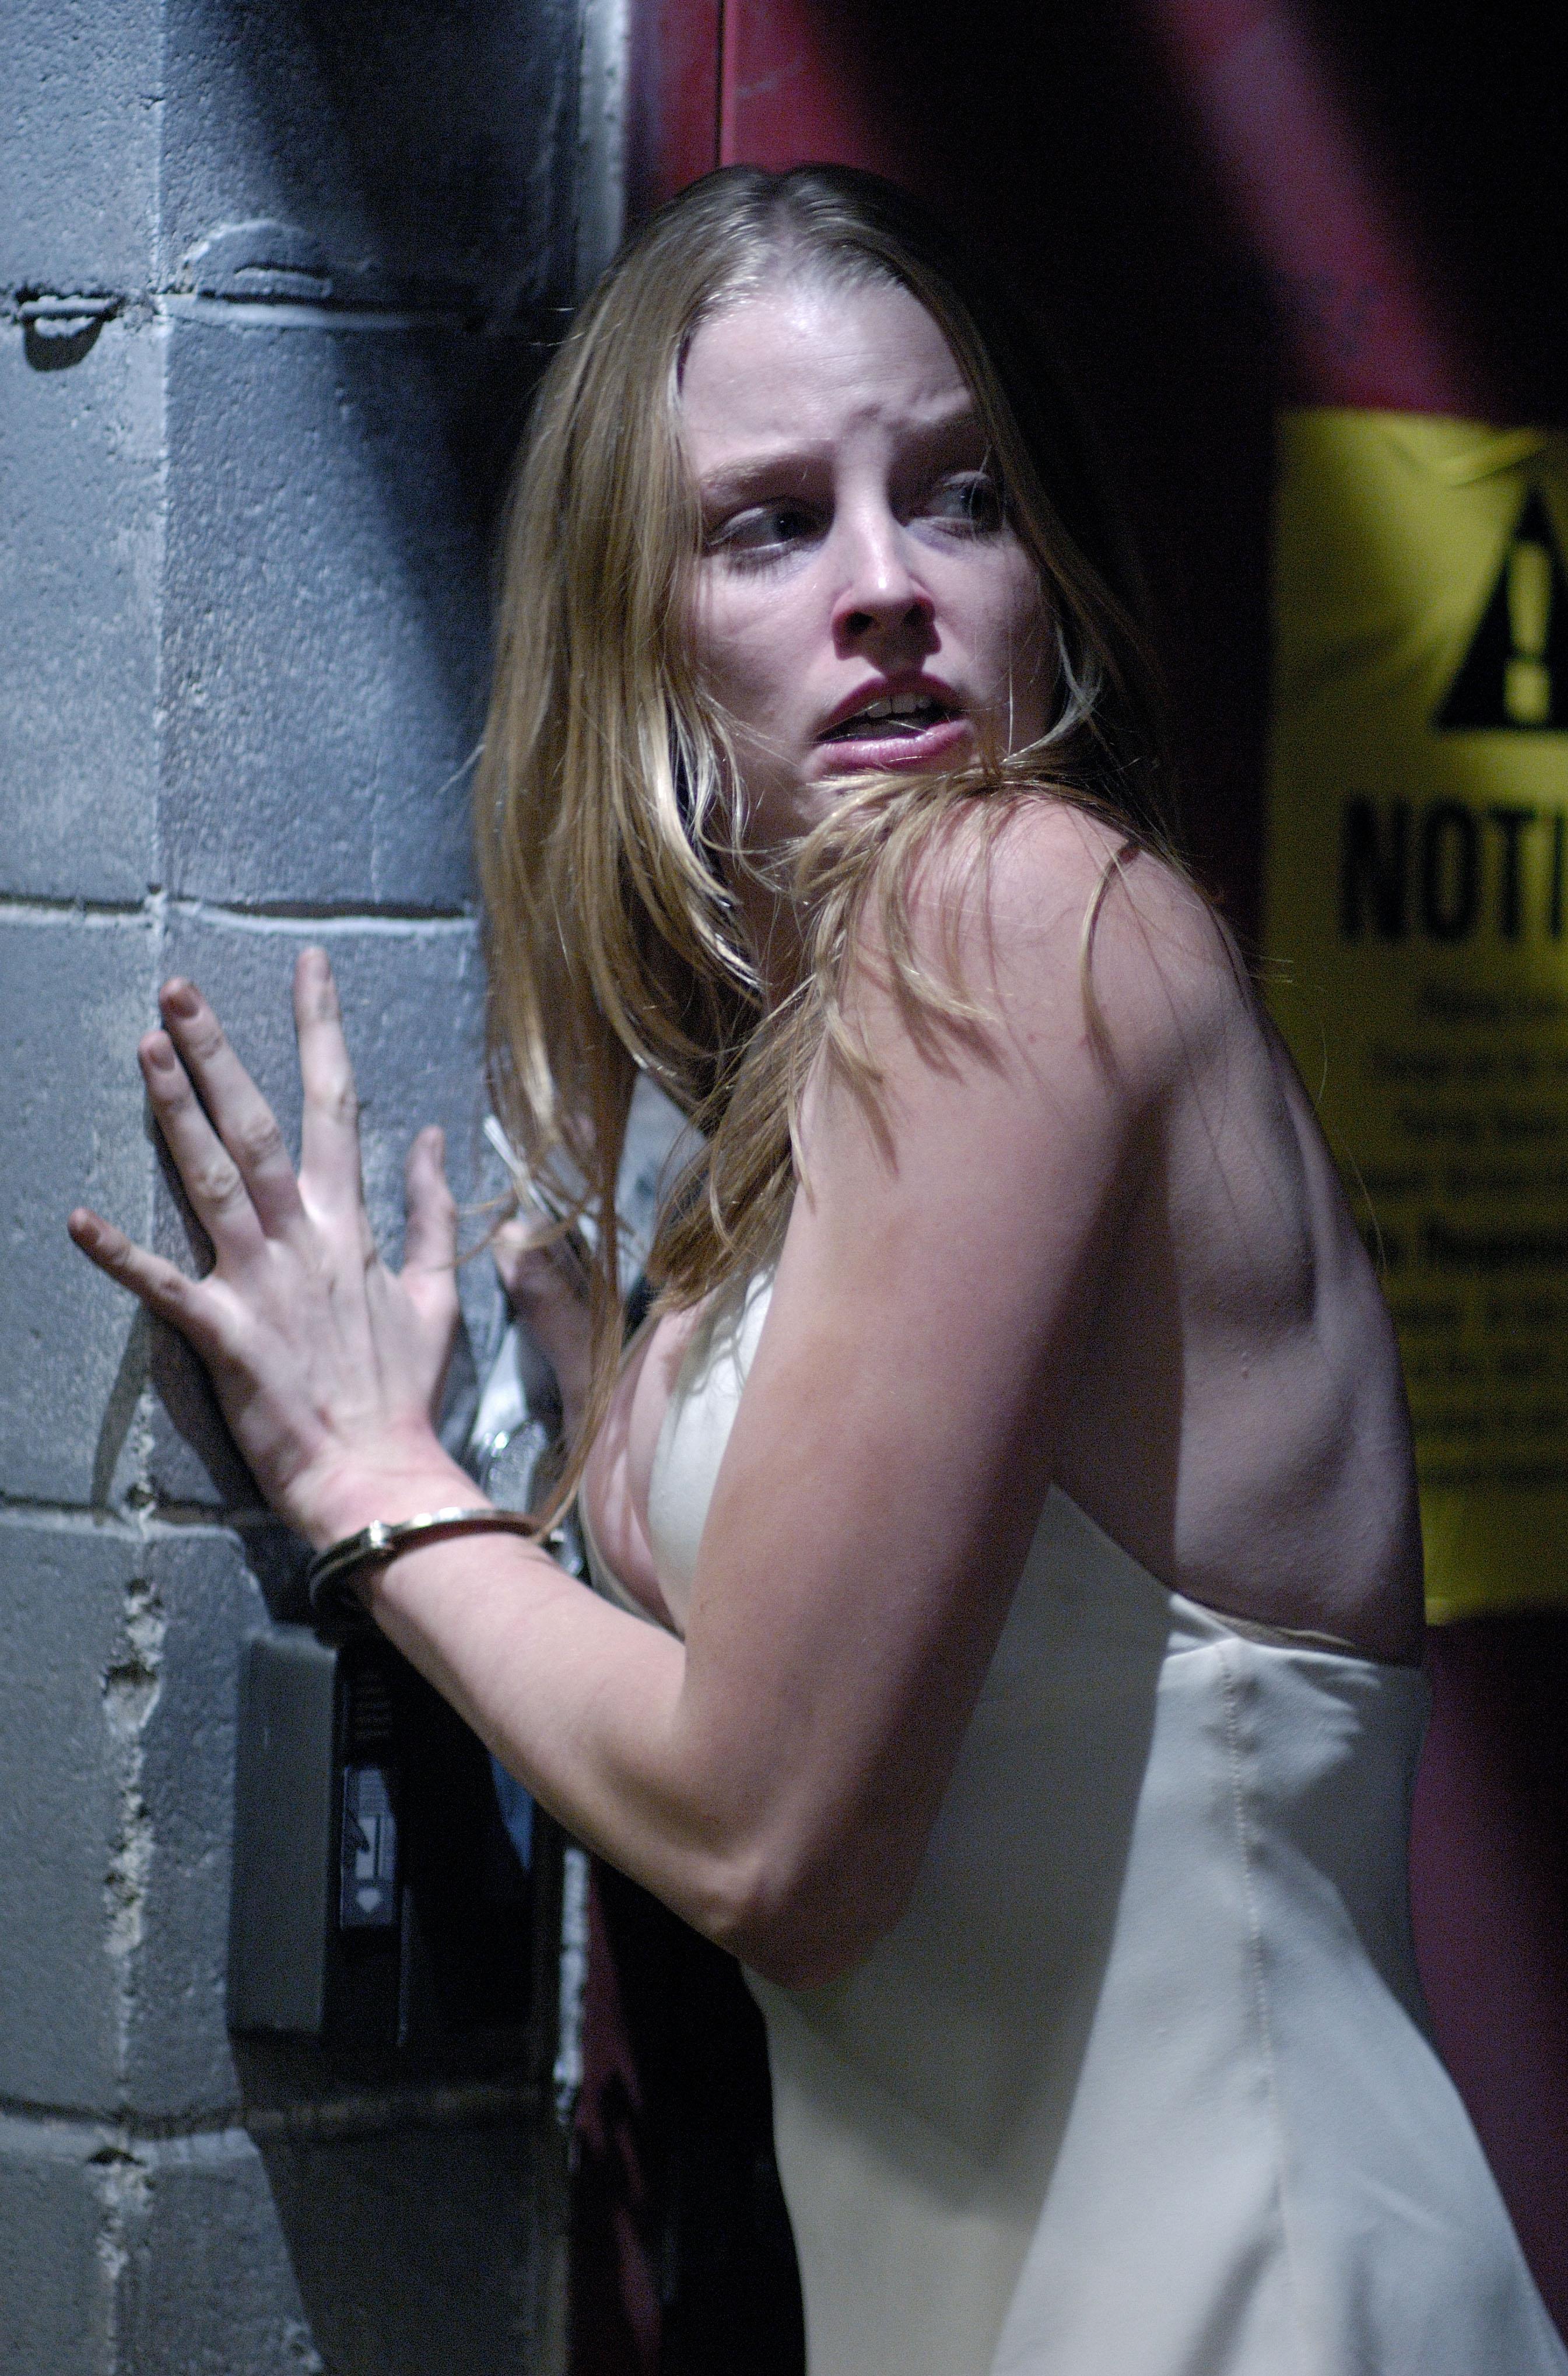 Секс на подземной автостоянке 14 фотография